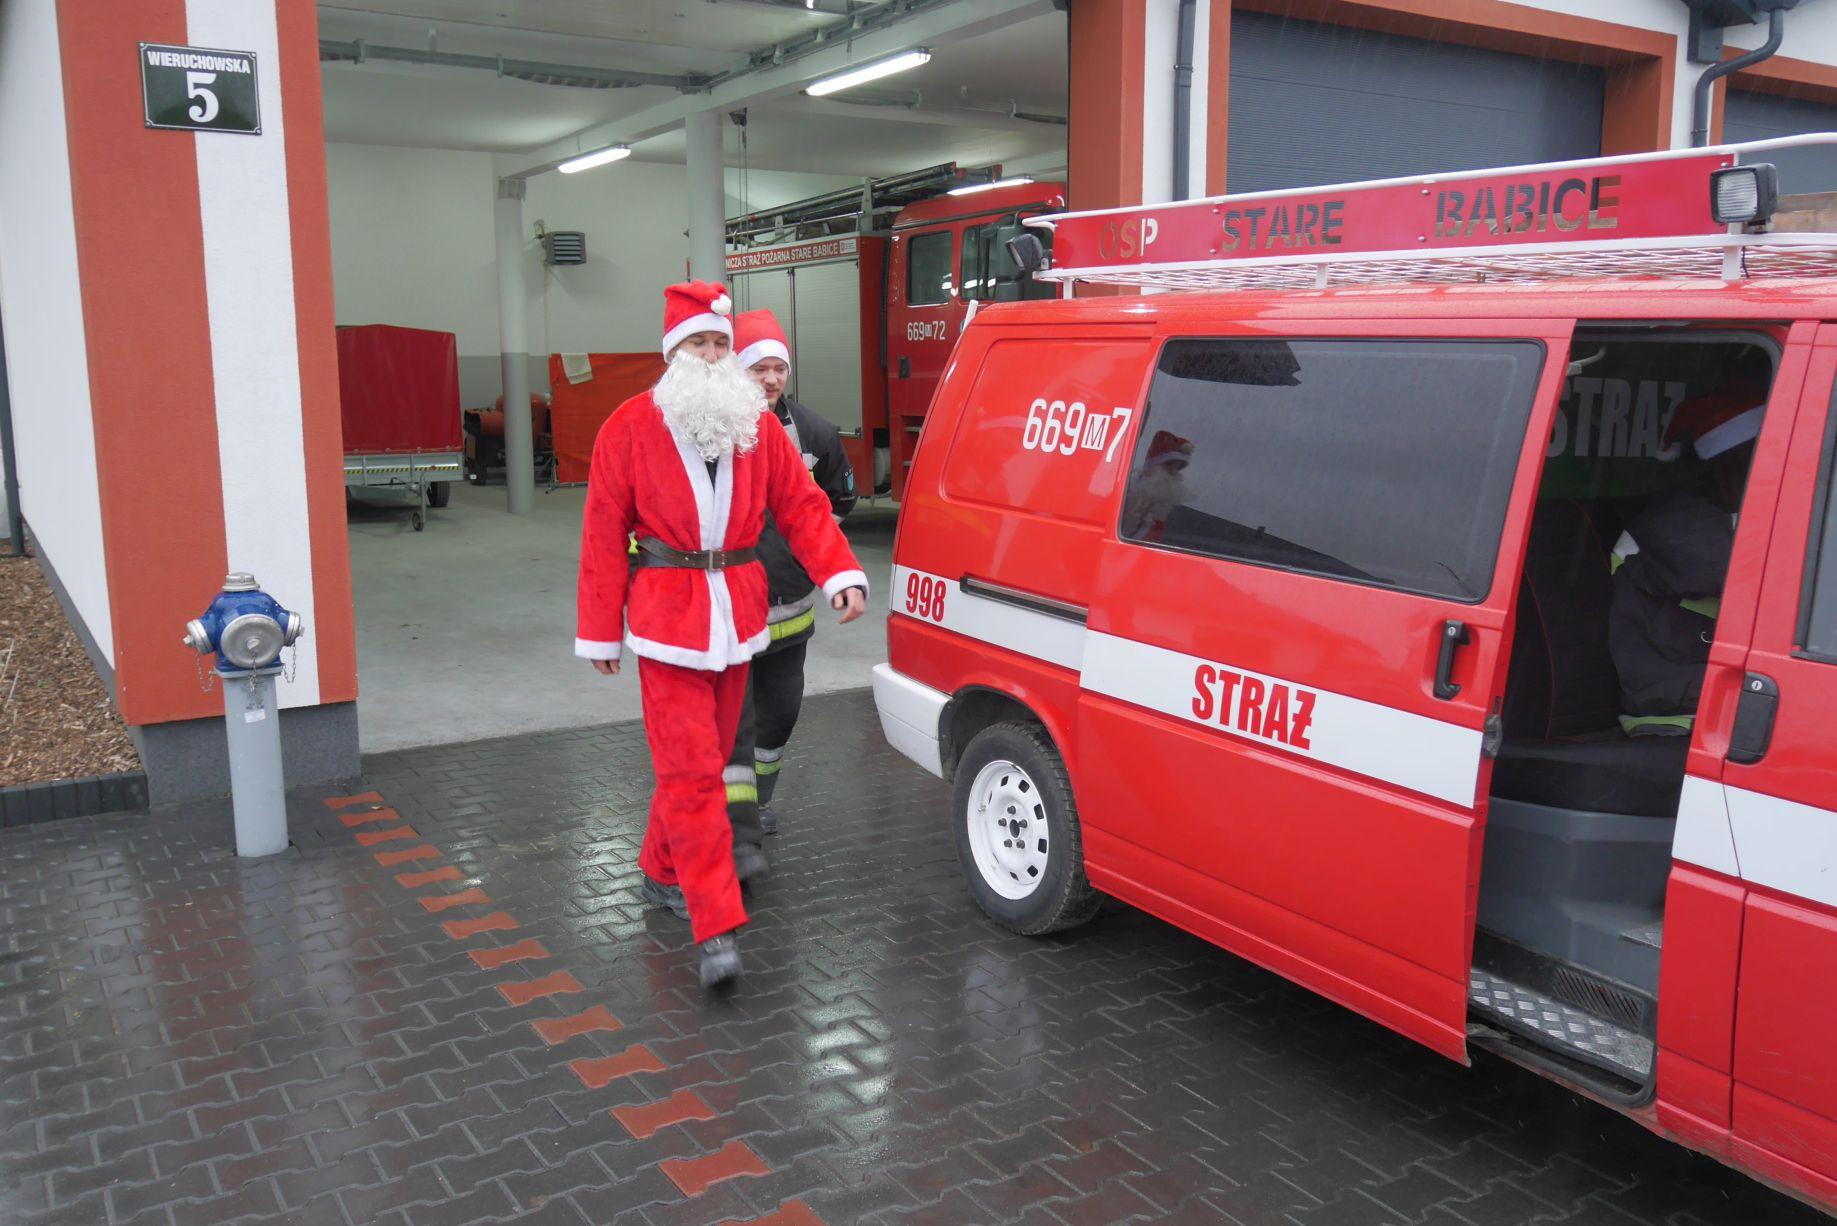 Życzenia na Święta Bożego Narodzenia od Babickich strażaków